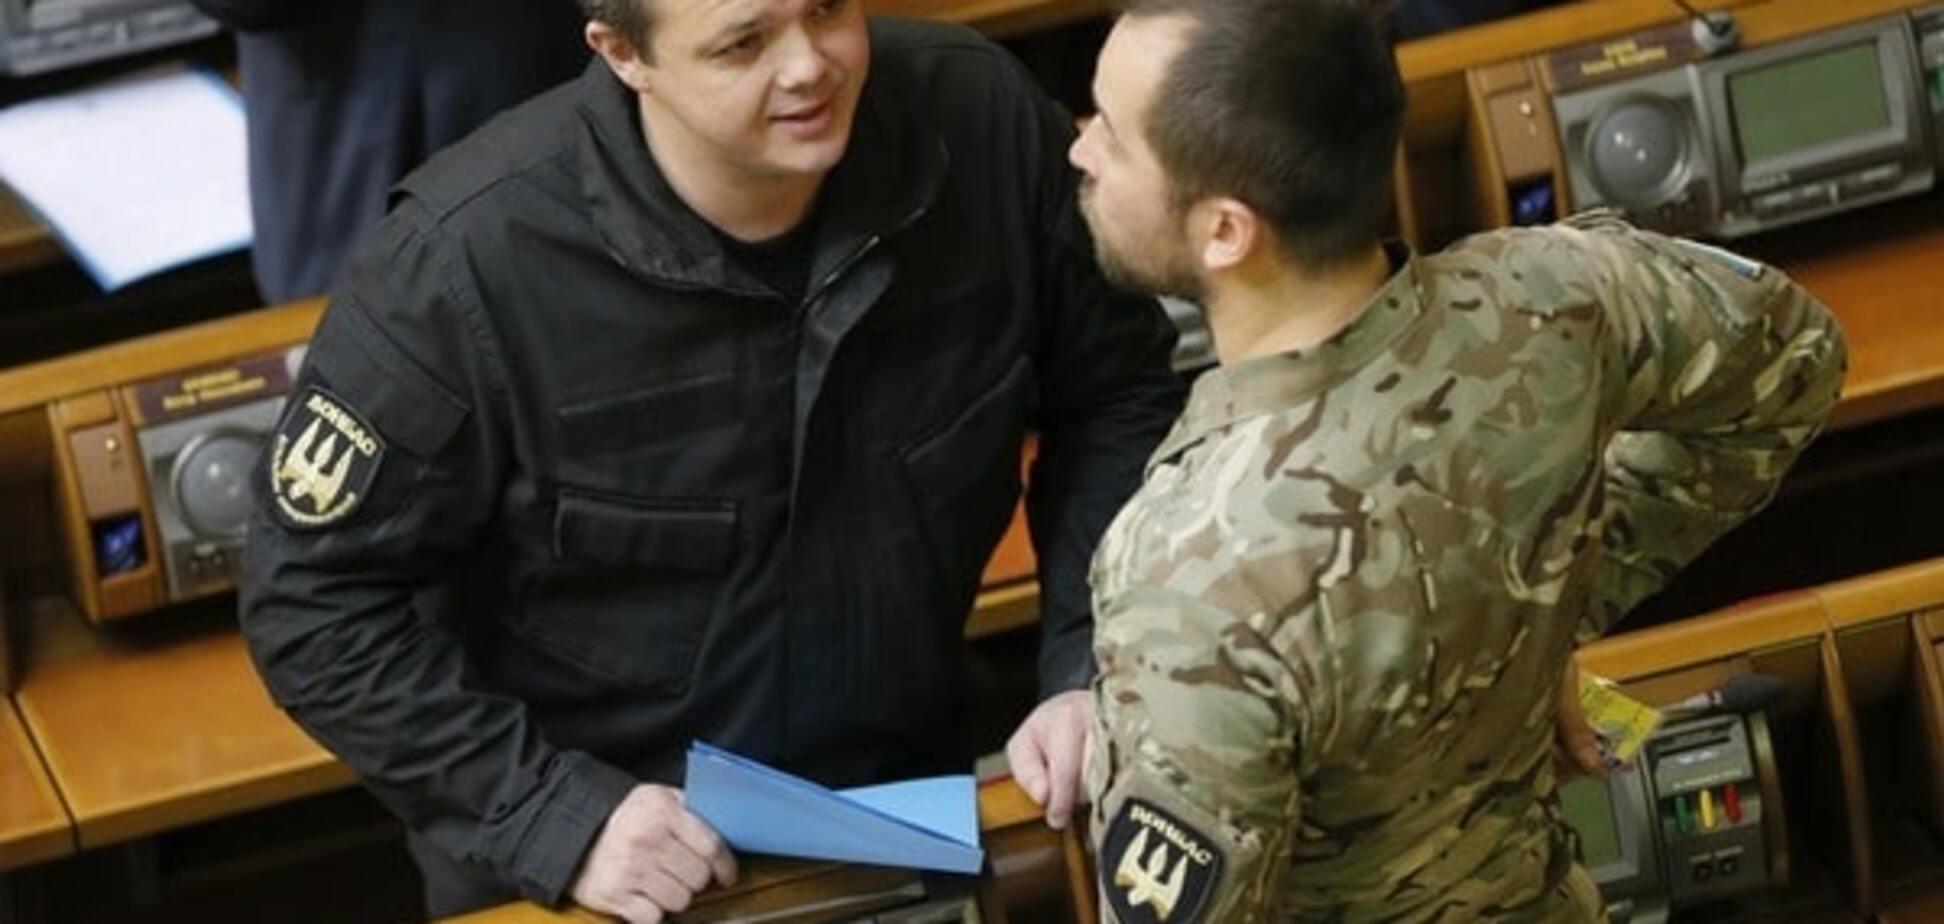 Семенченко незаконно получил офицерское звание - СМИ